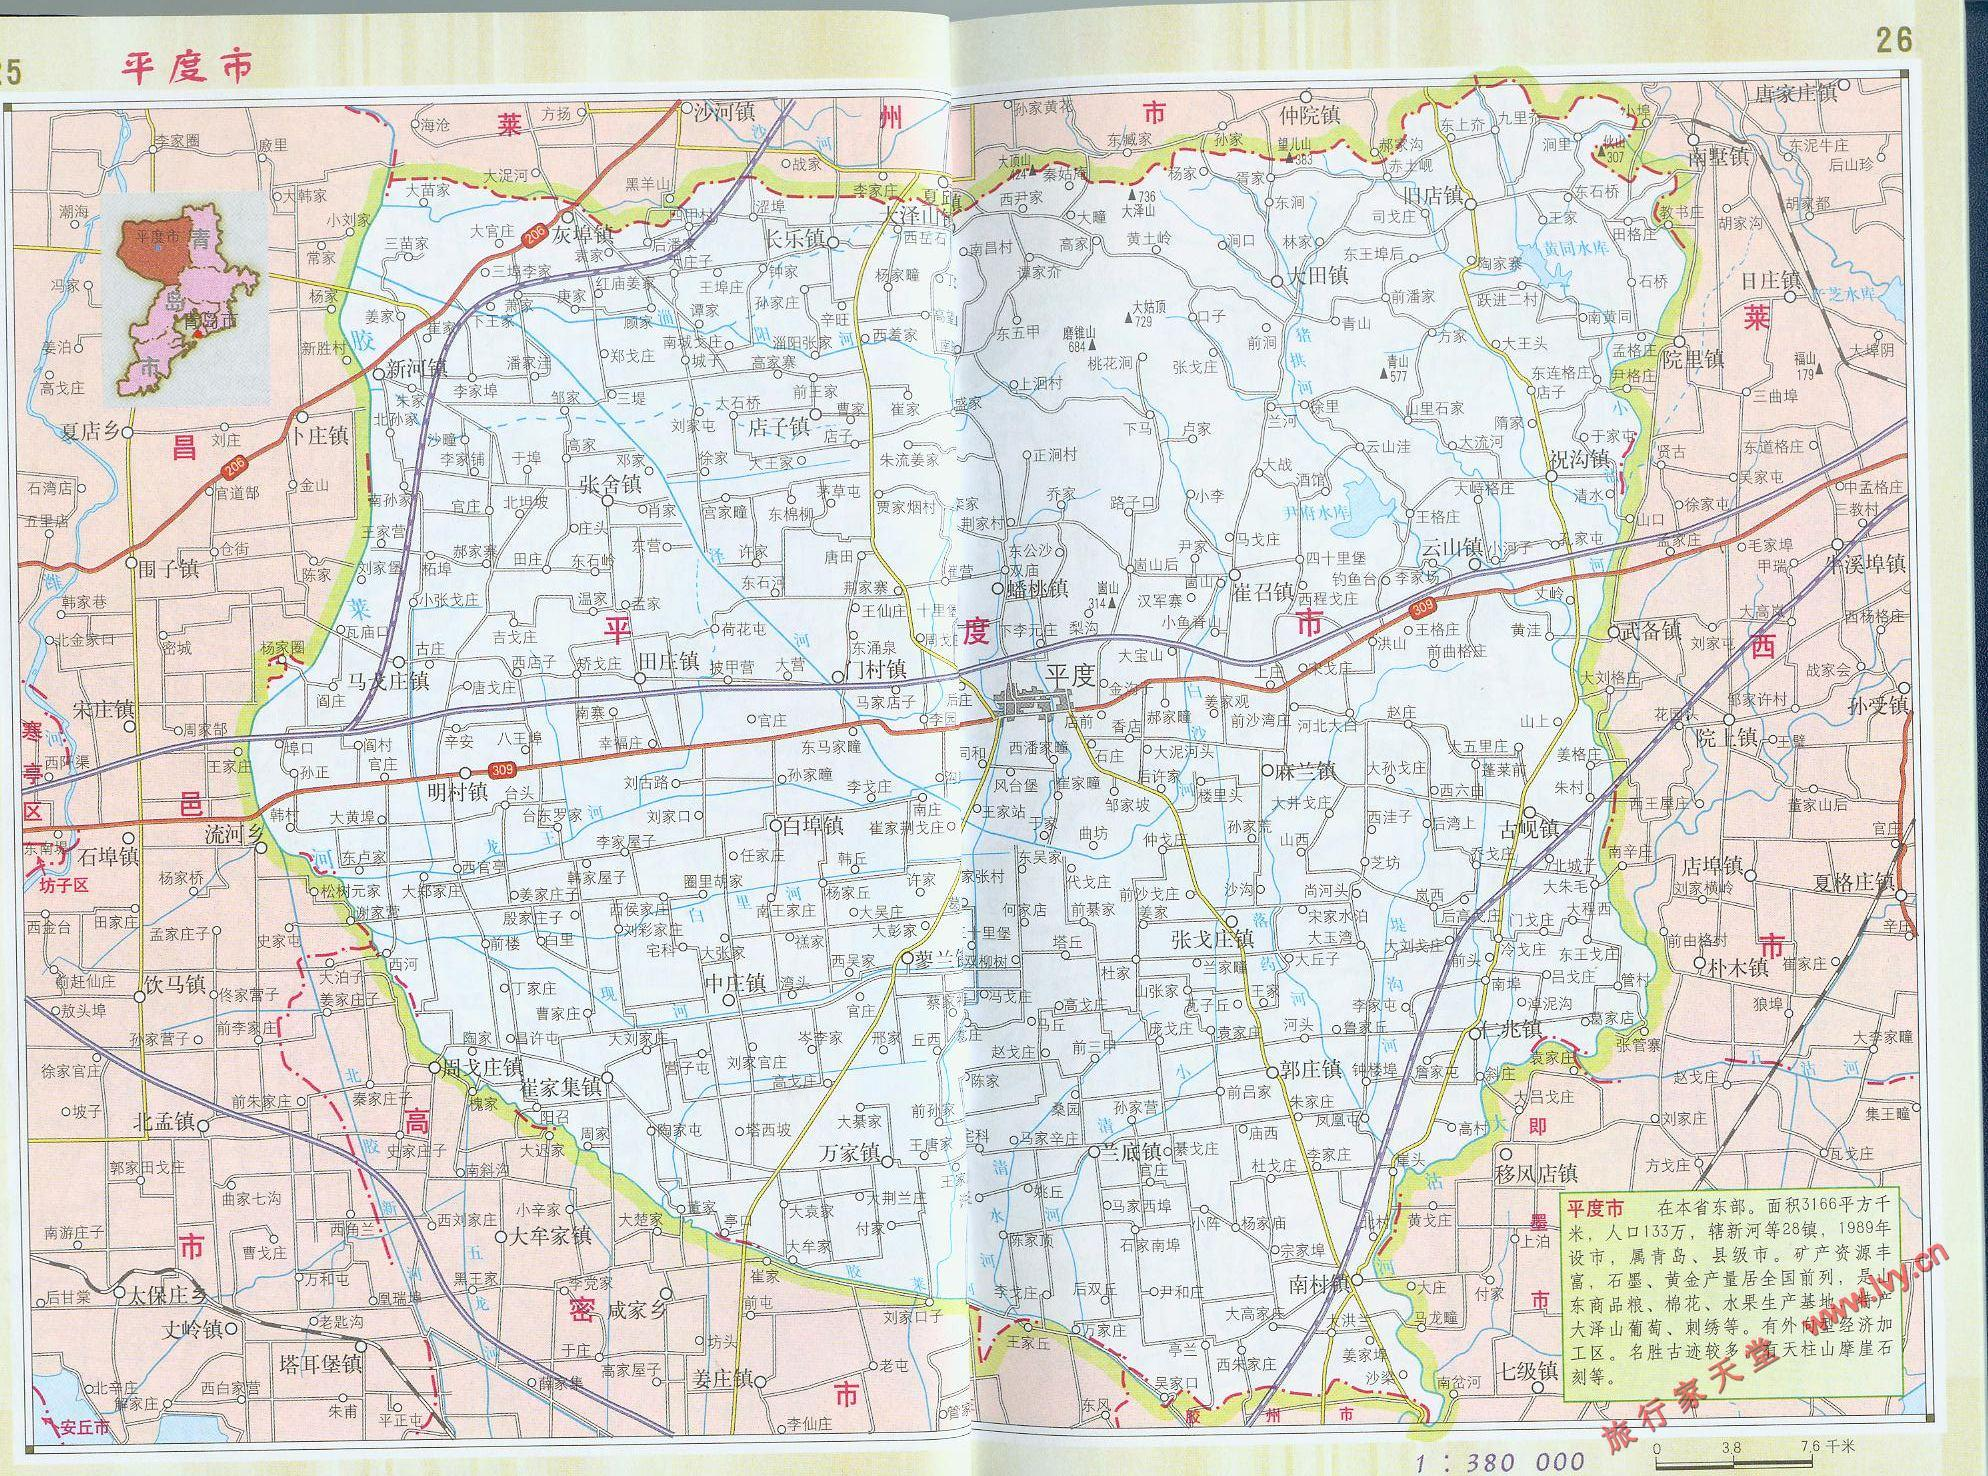 平度市地图